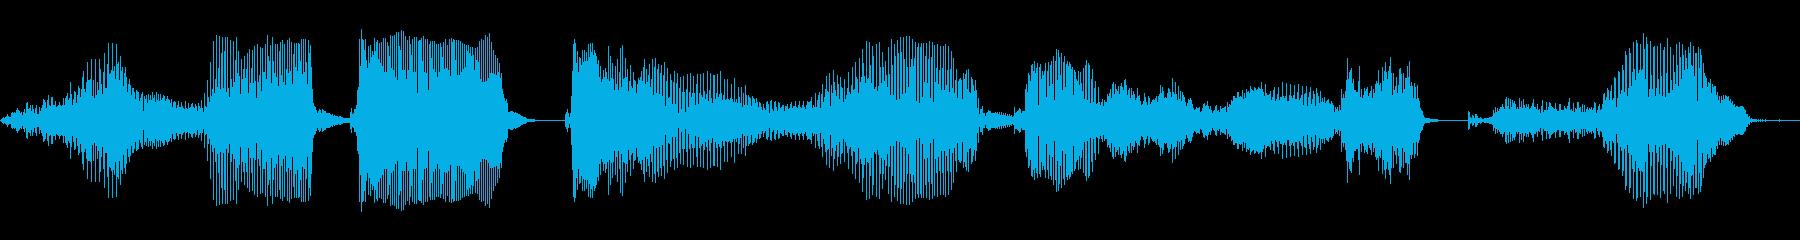 このデータをロードしますか?の再生済みの波形